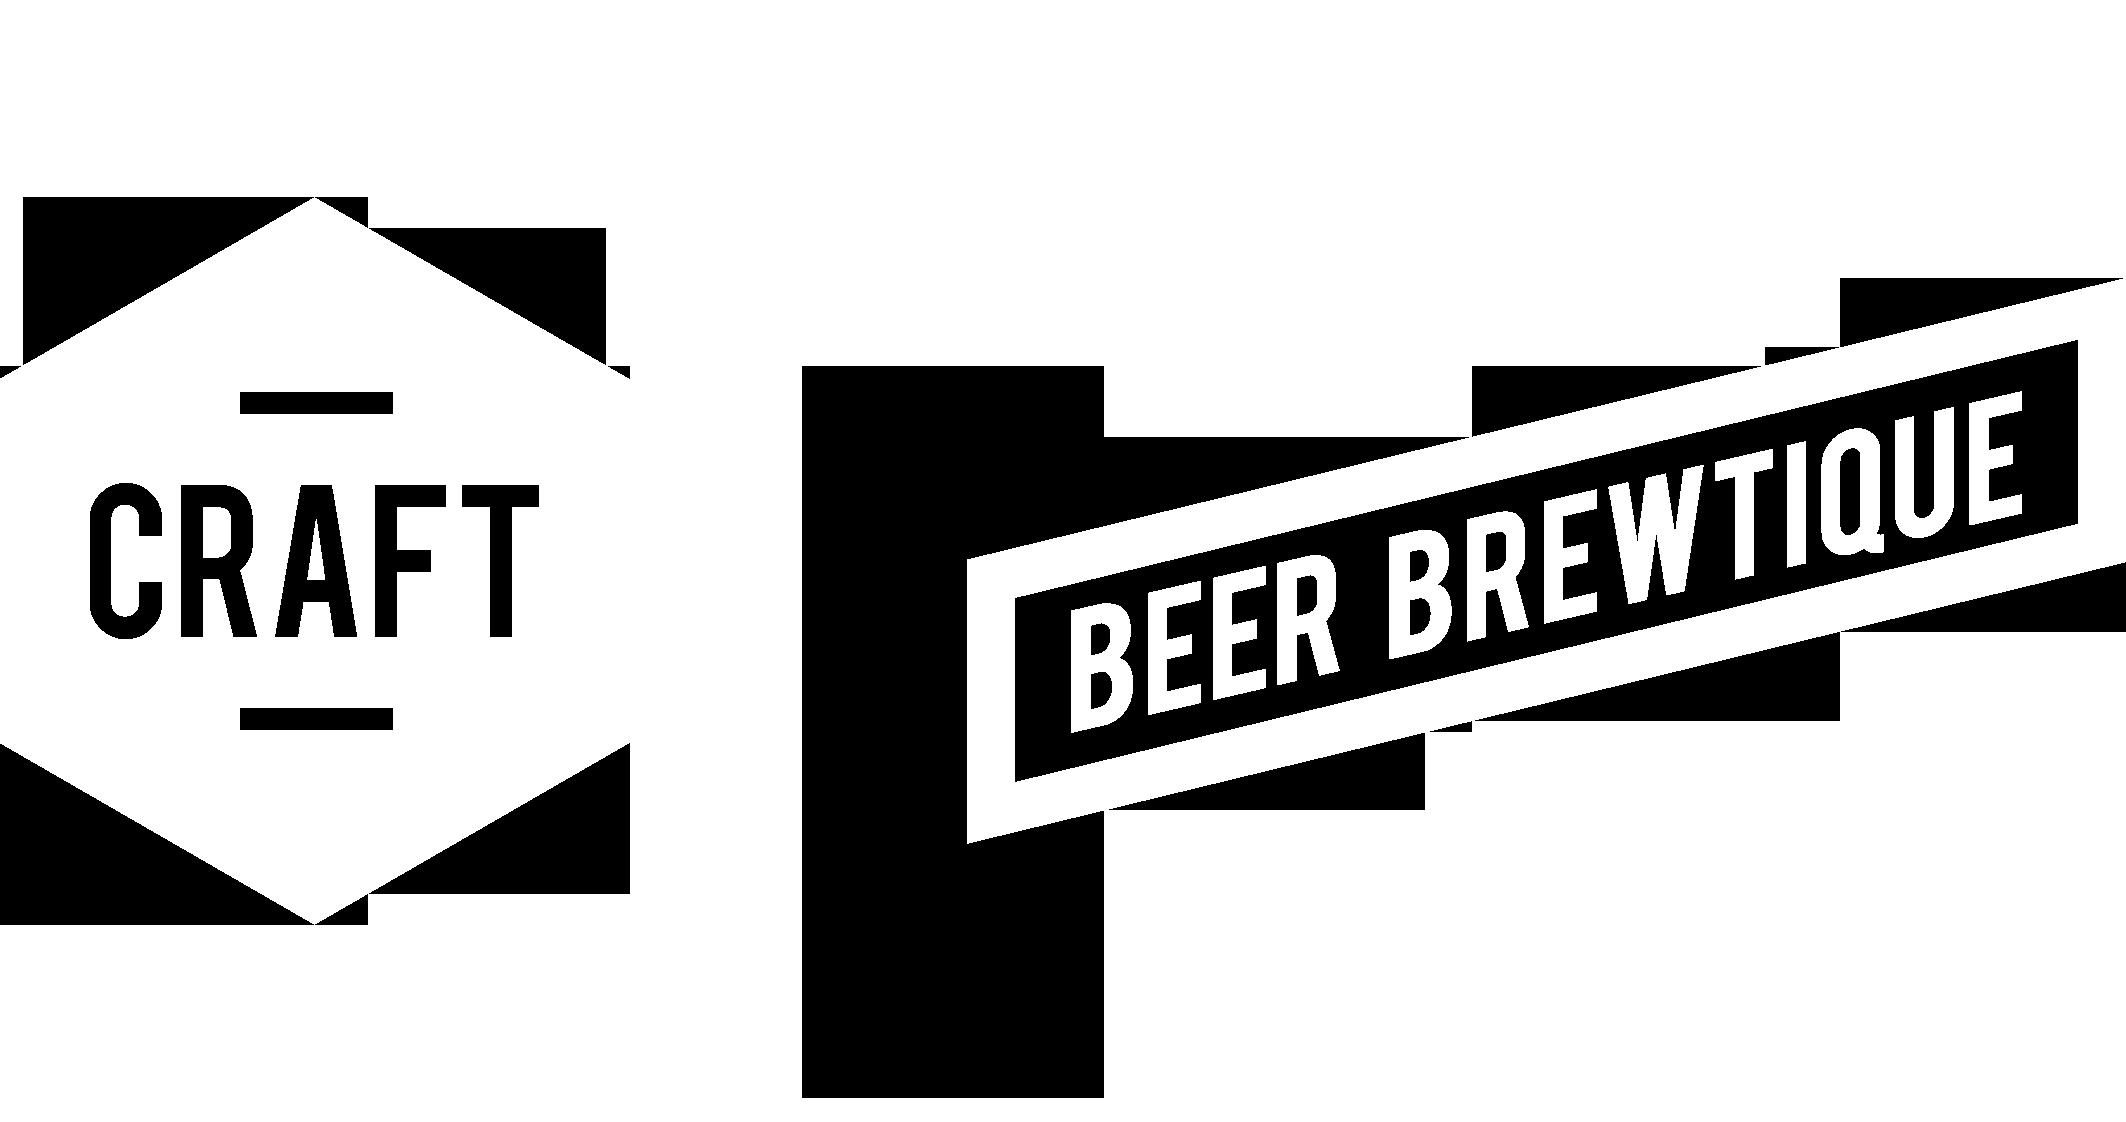 Craft Bottle Shop Brewtique